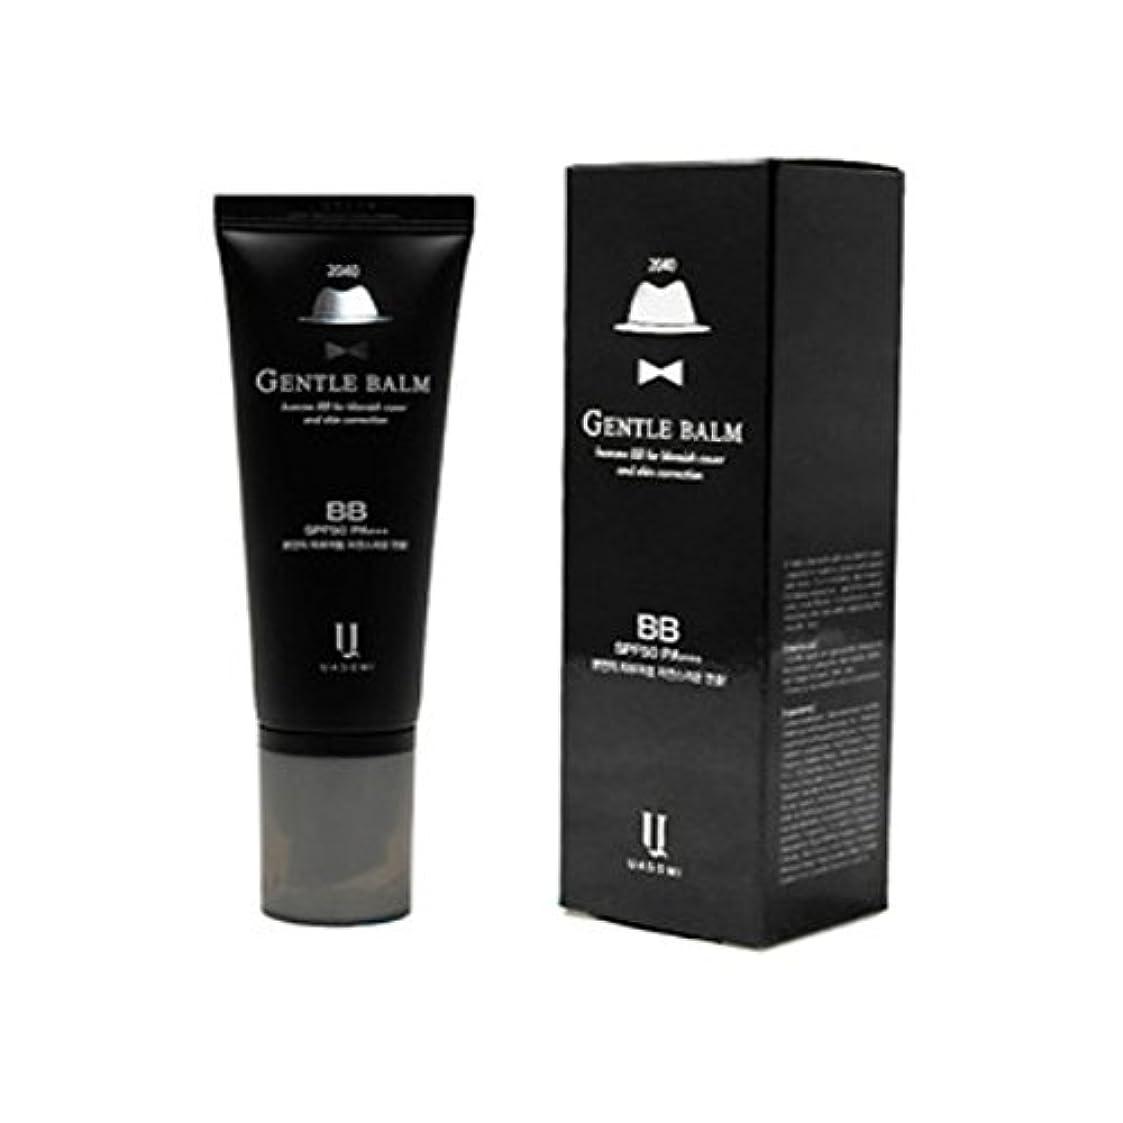 ブラケット立ち向かう腹部(男 BB クリーム 韓国 日焼け止め) homme 2040 BB for blemish cover and skin correction korea beauty Gentle bam SFP50 PA+++